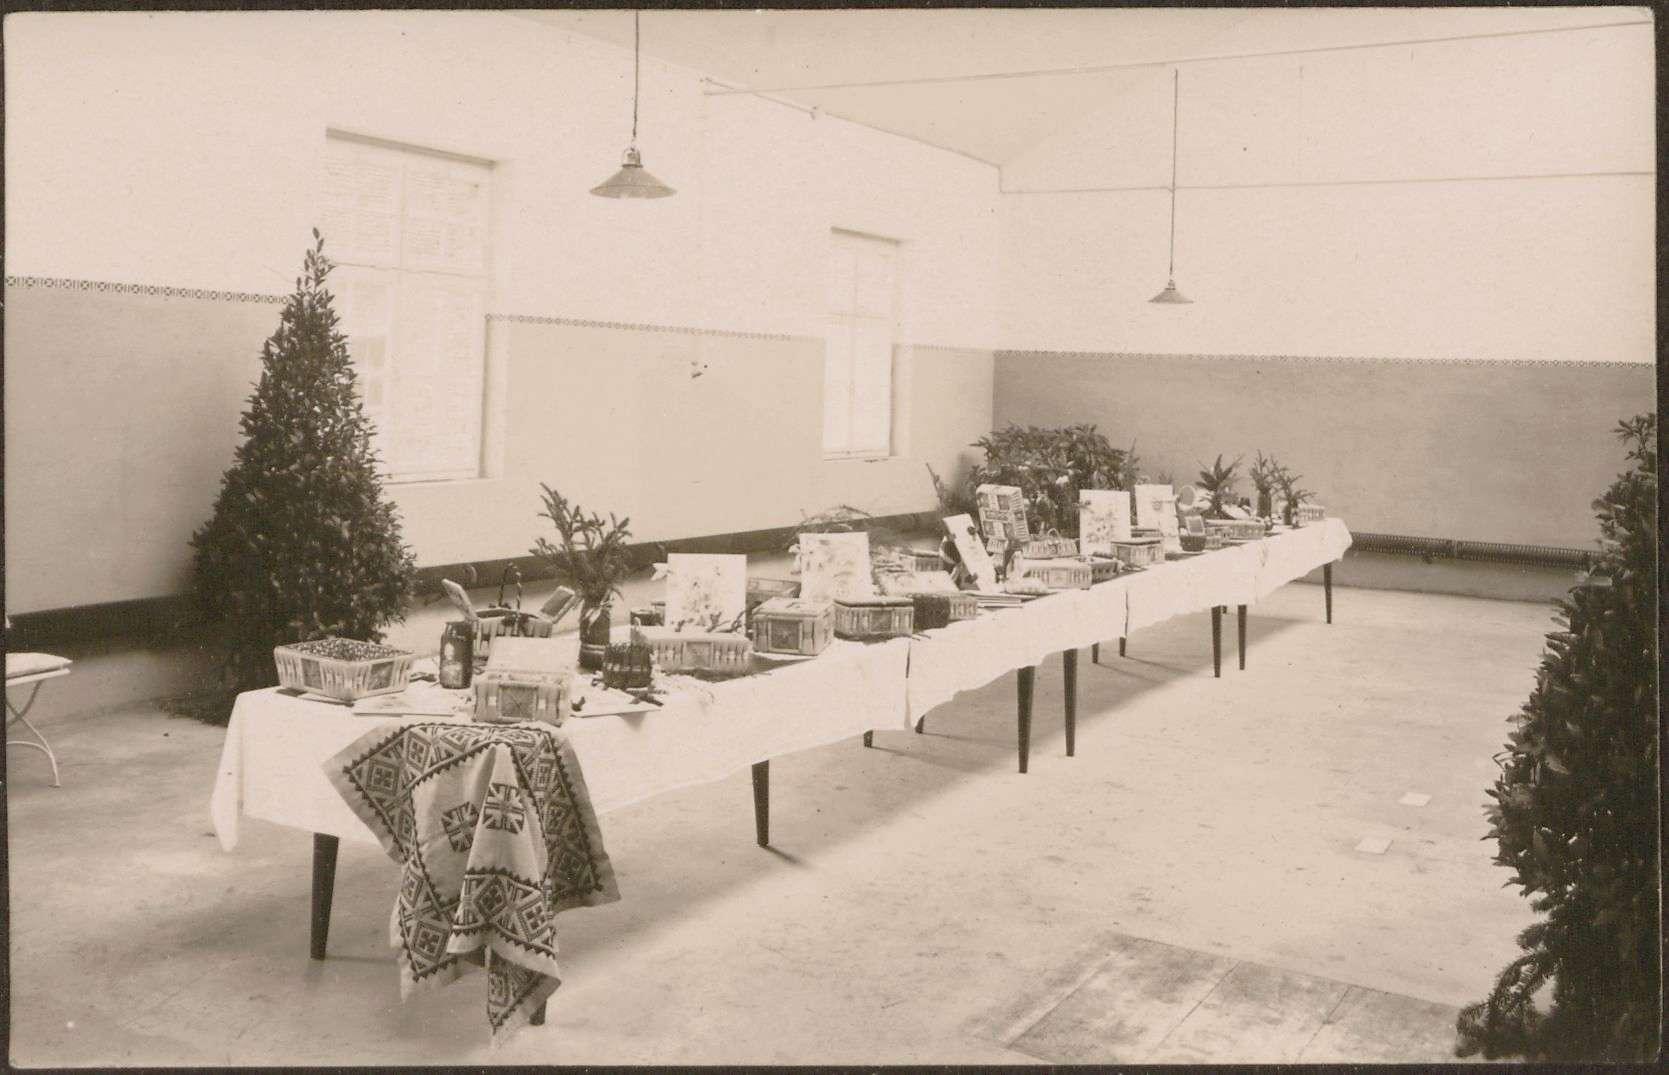 Tisch mit Arbeiten von Verwundeten., Bild 1